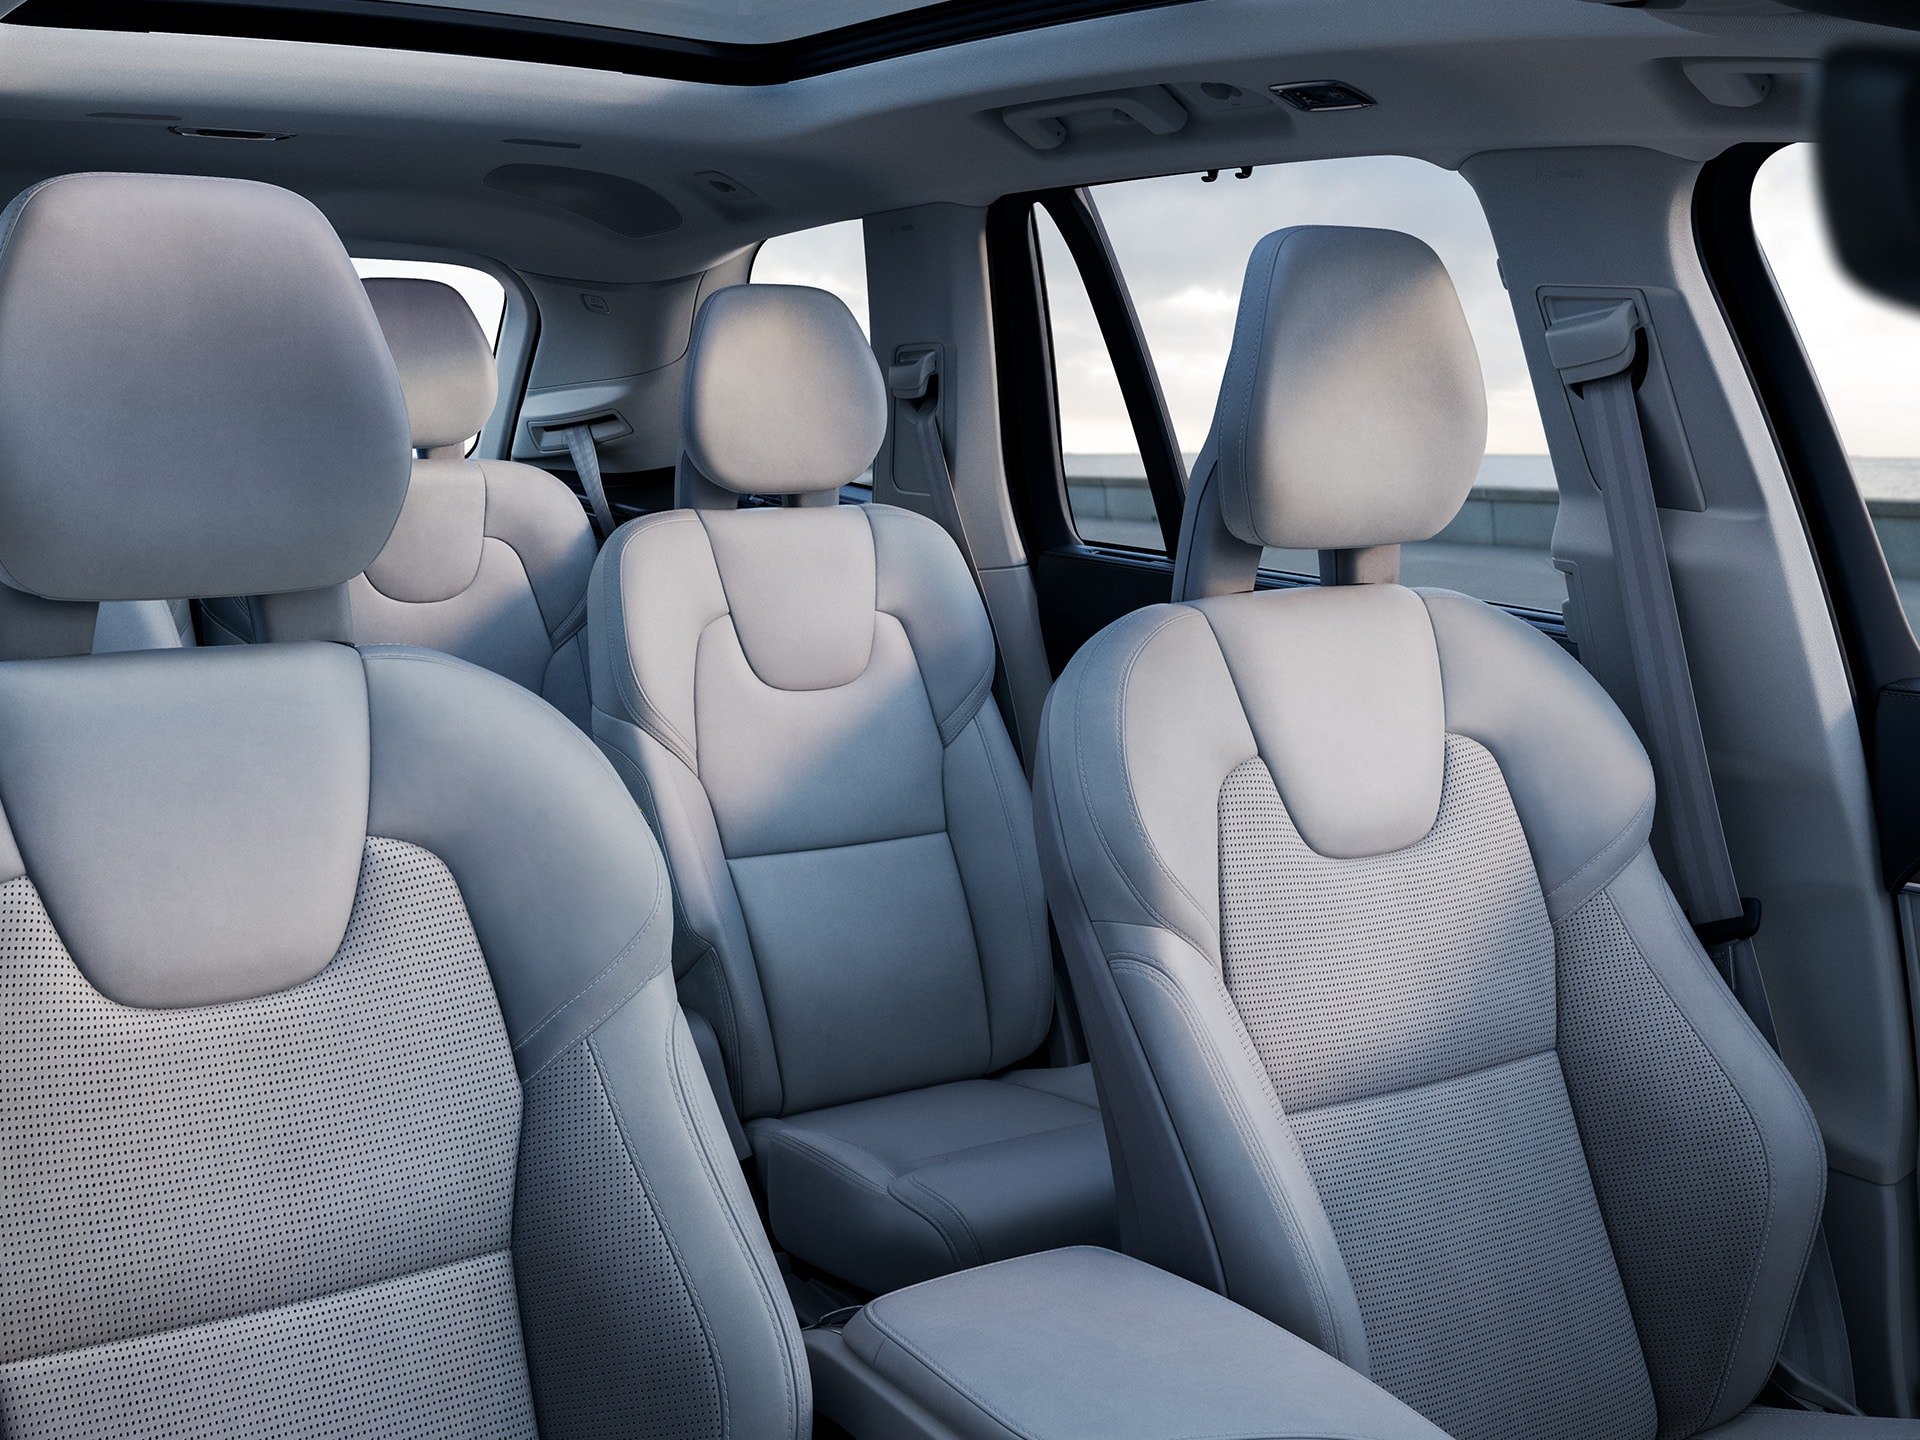 سيارة فولفو الرياضية متعددة الاستخدامات ذات الـ3 صفوف من الداخل، مع مقاعد بلاتينية